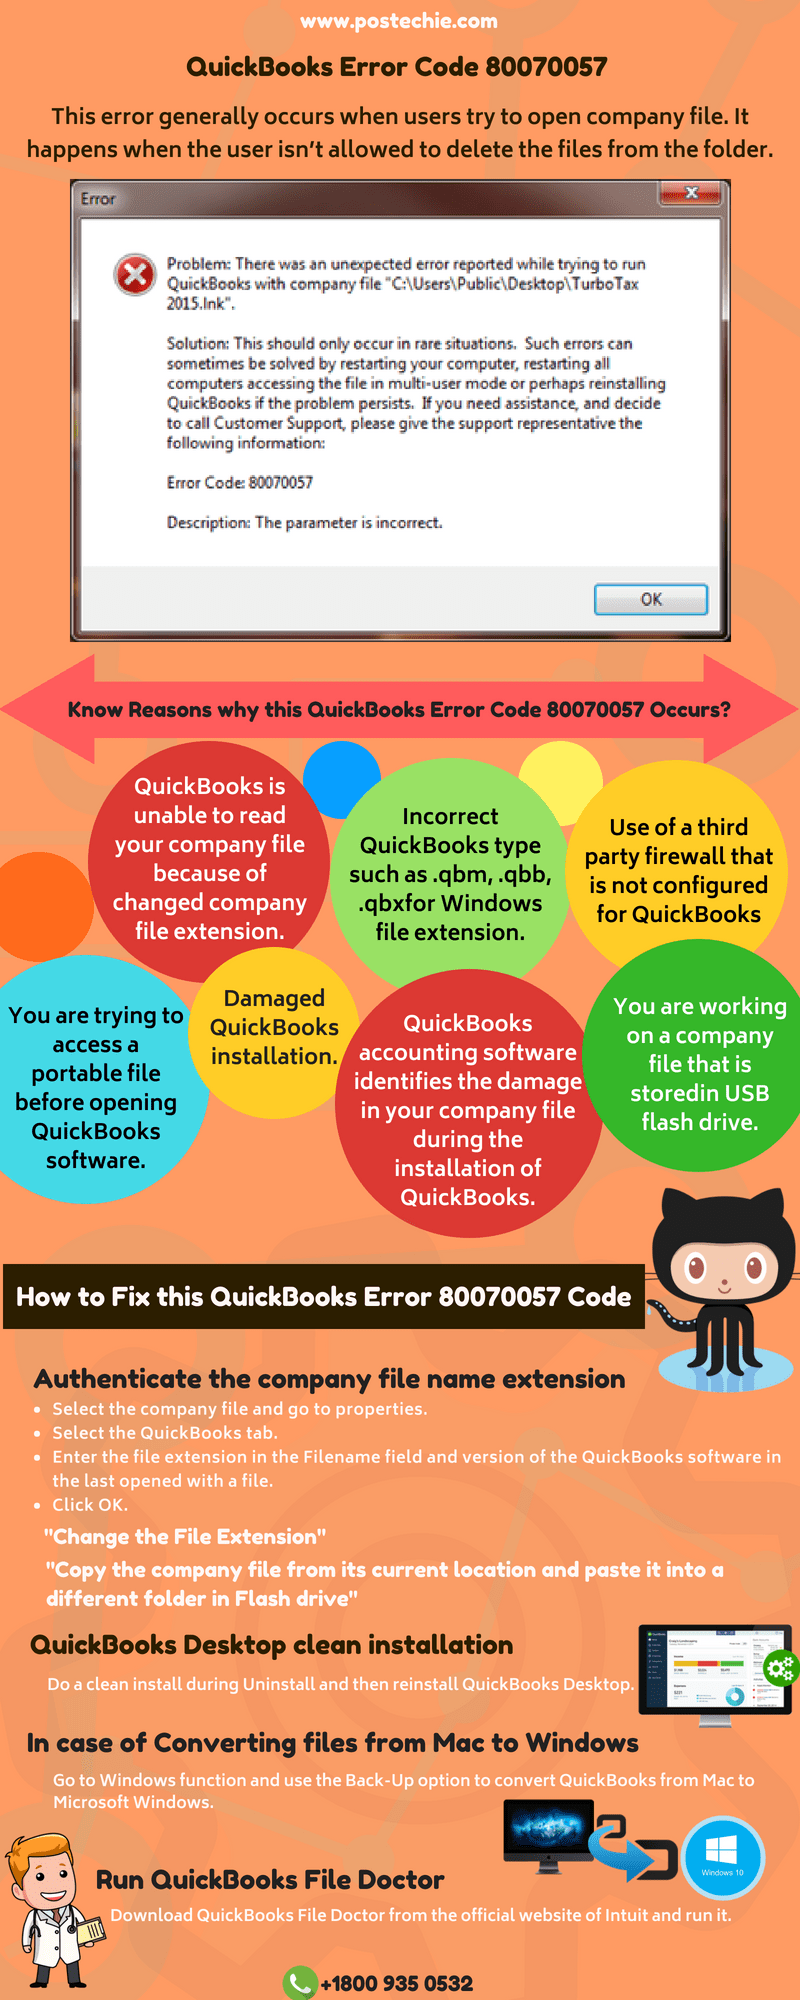 QuickBooks Error Code 80070057